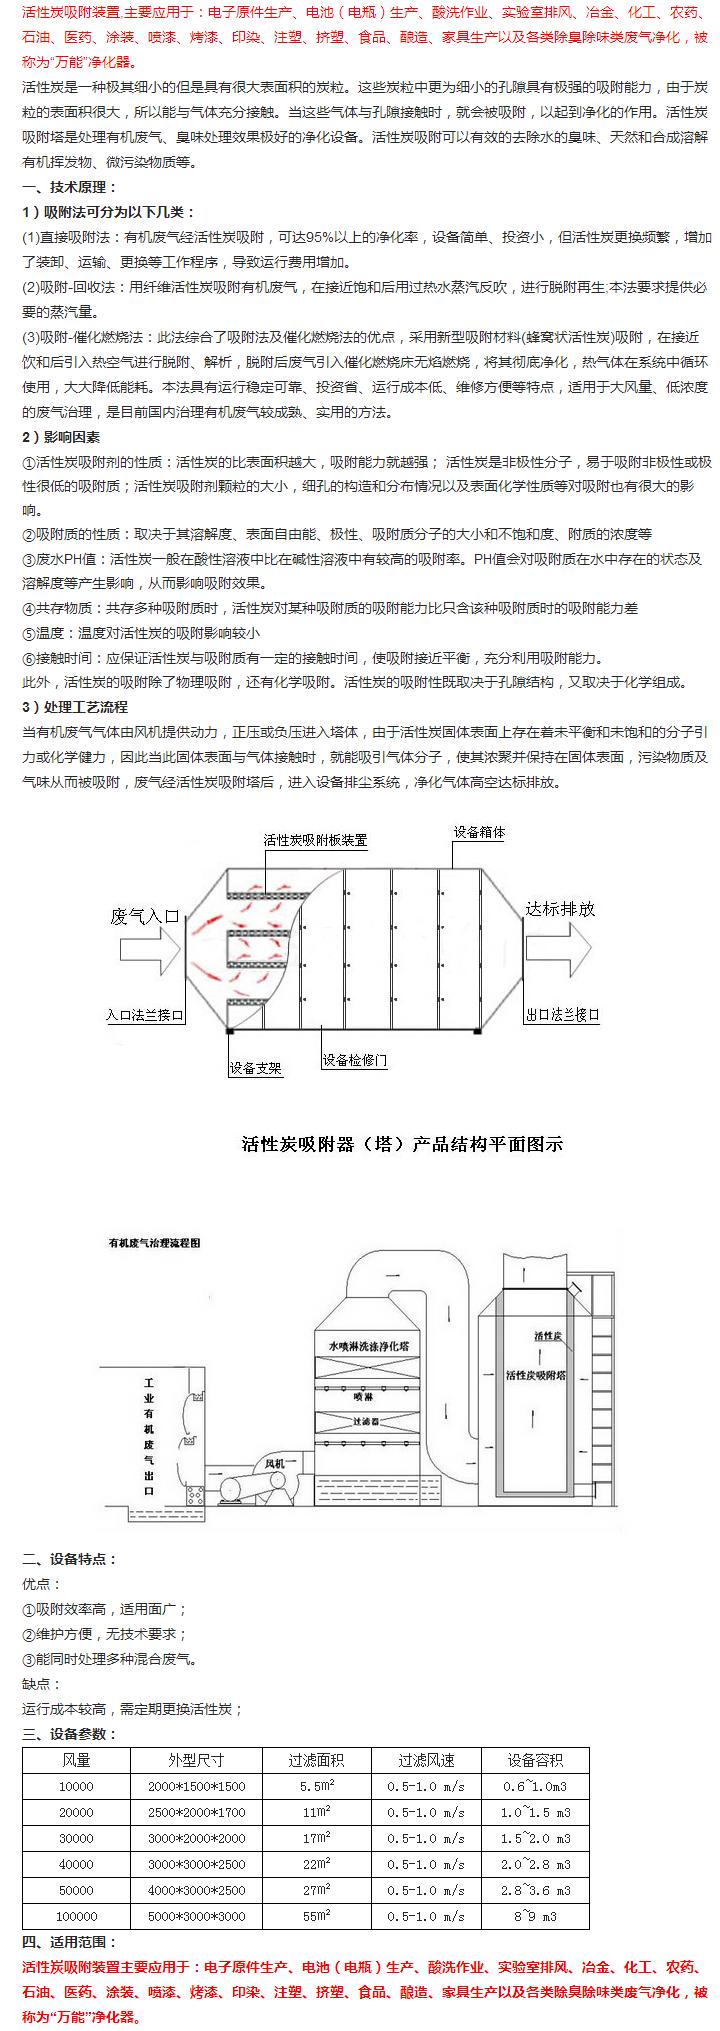 活性炭吸附塔|活性炭吸附塔-泰得裕环保工程有限公司